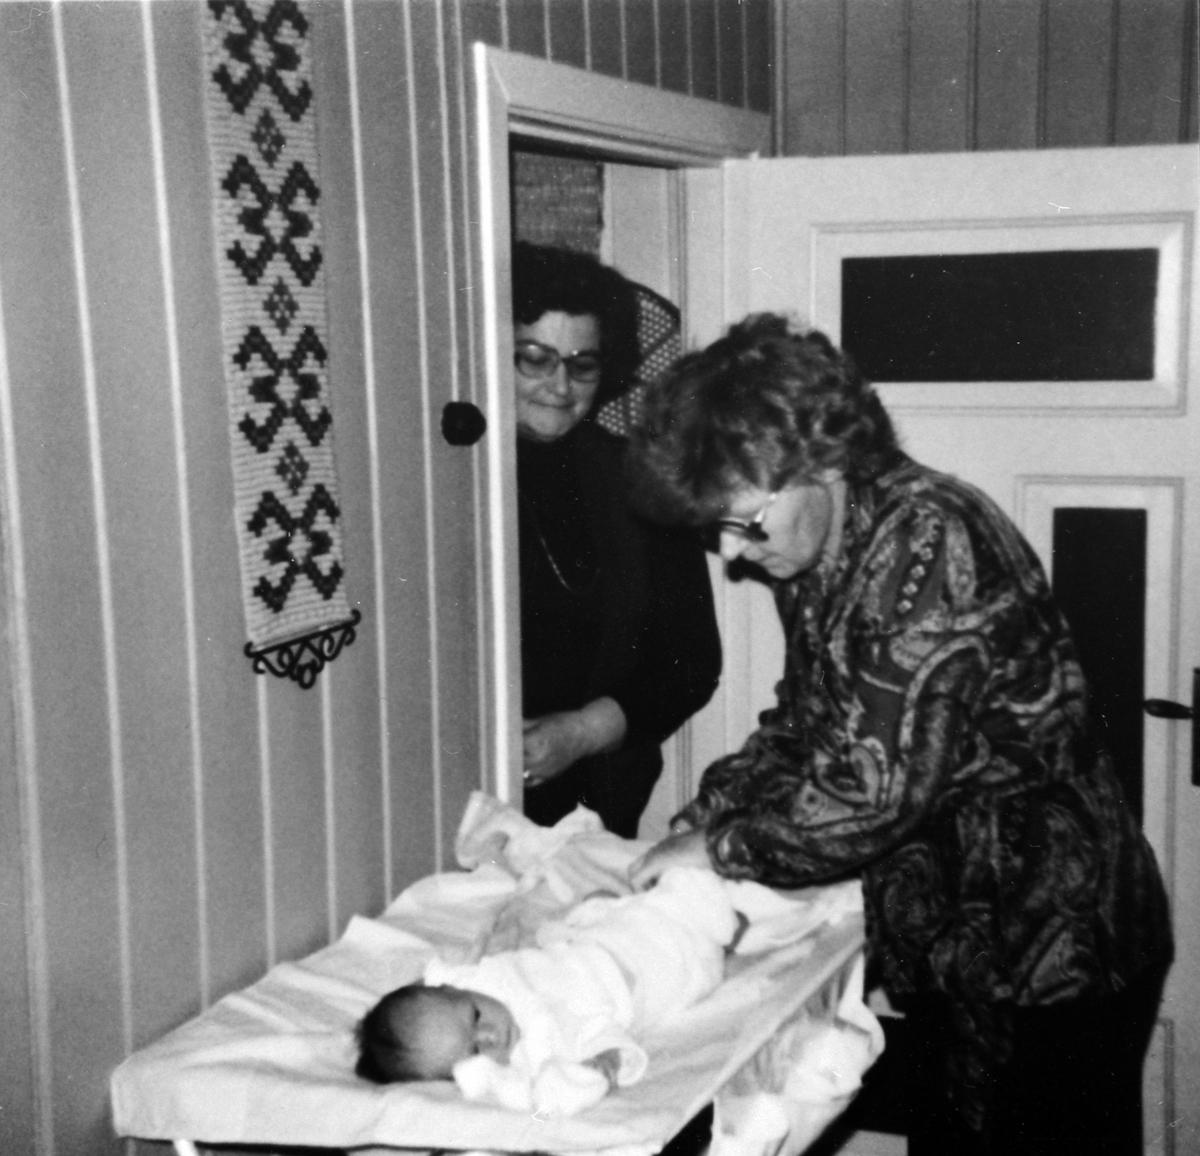 Helsesøster Anne Trollvik på hjemmebesøk, til venstre er Agnethe Kylstad. 1982.